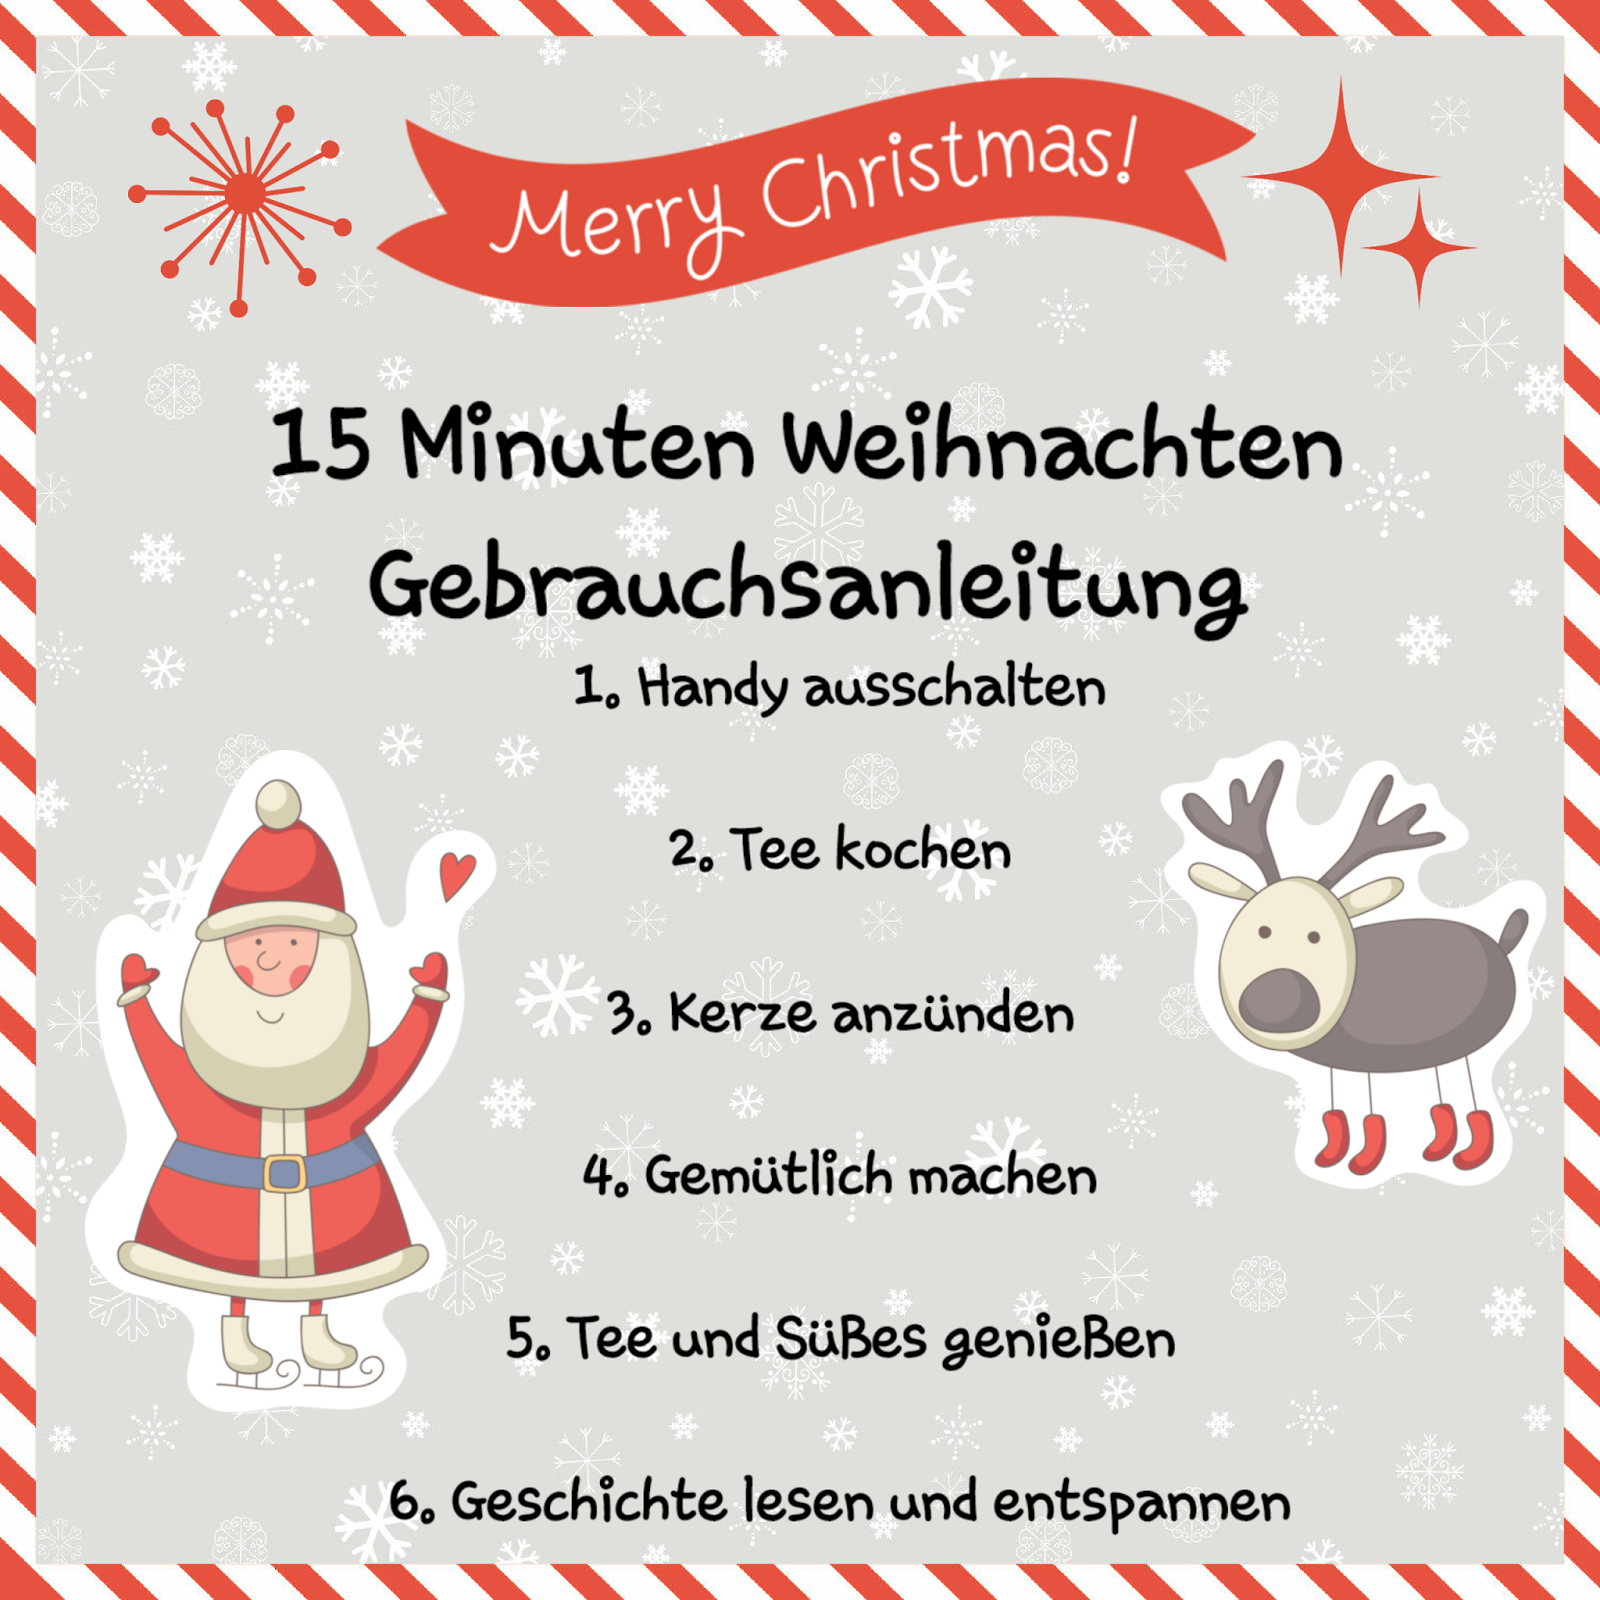 15 Minuten Weihnachten... eine der nettesten Weihnachts Geschenke überhaupt. #weihnachtssprücheschöne